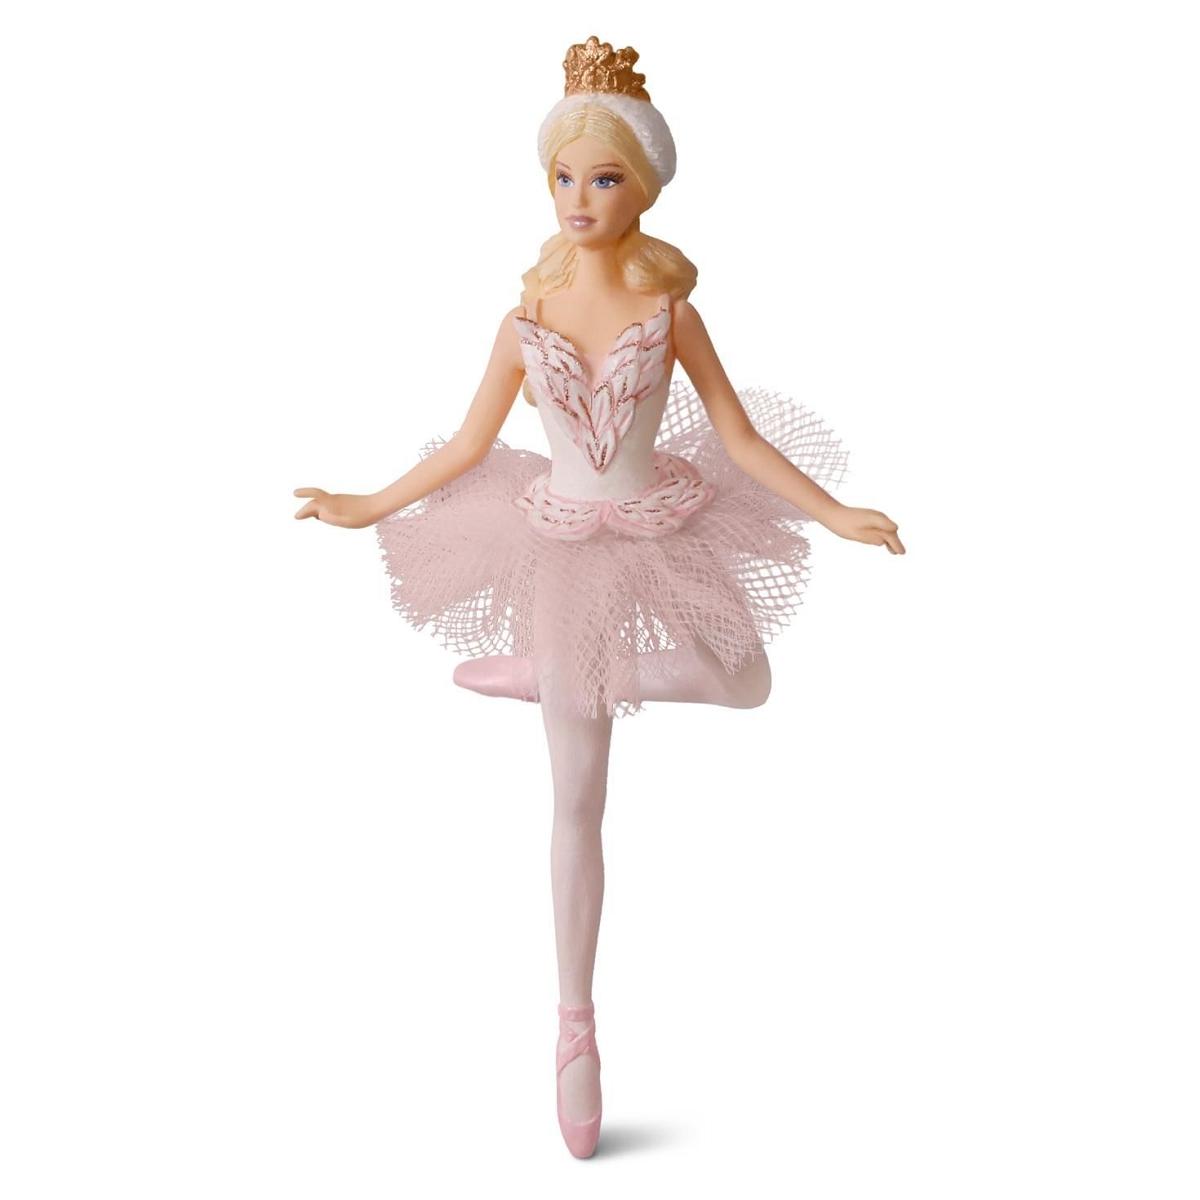 2016 Ballet Wishes Barbie Hallmark Keepsake Ornament